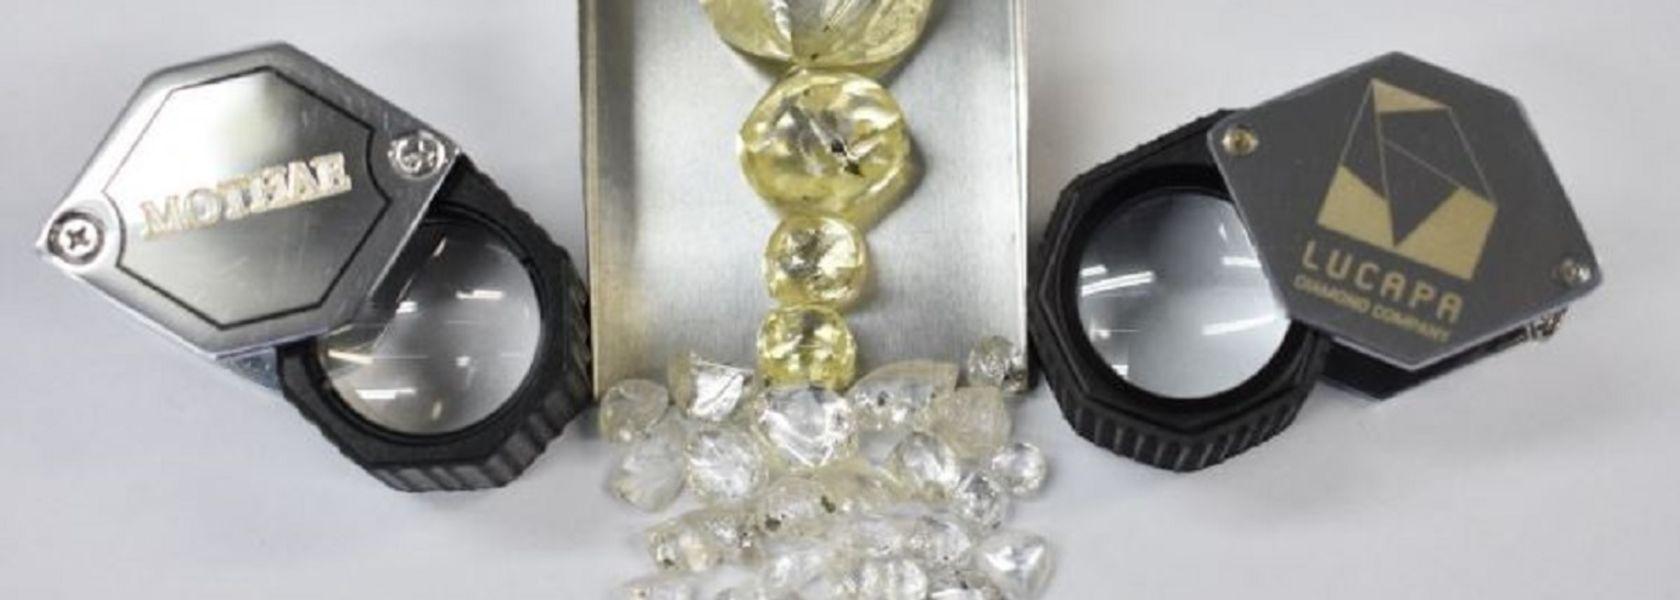 Lucapa Diamond